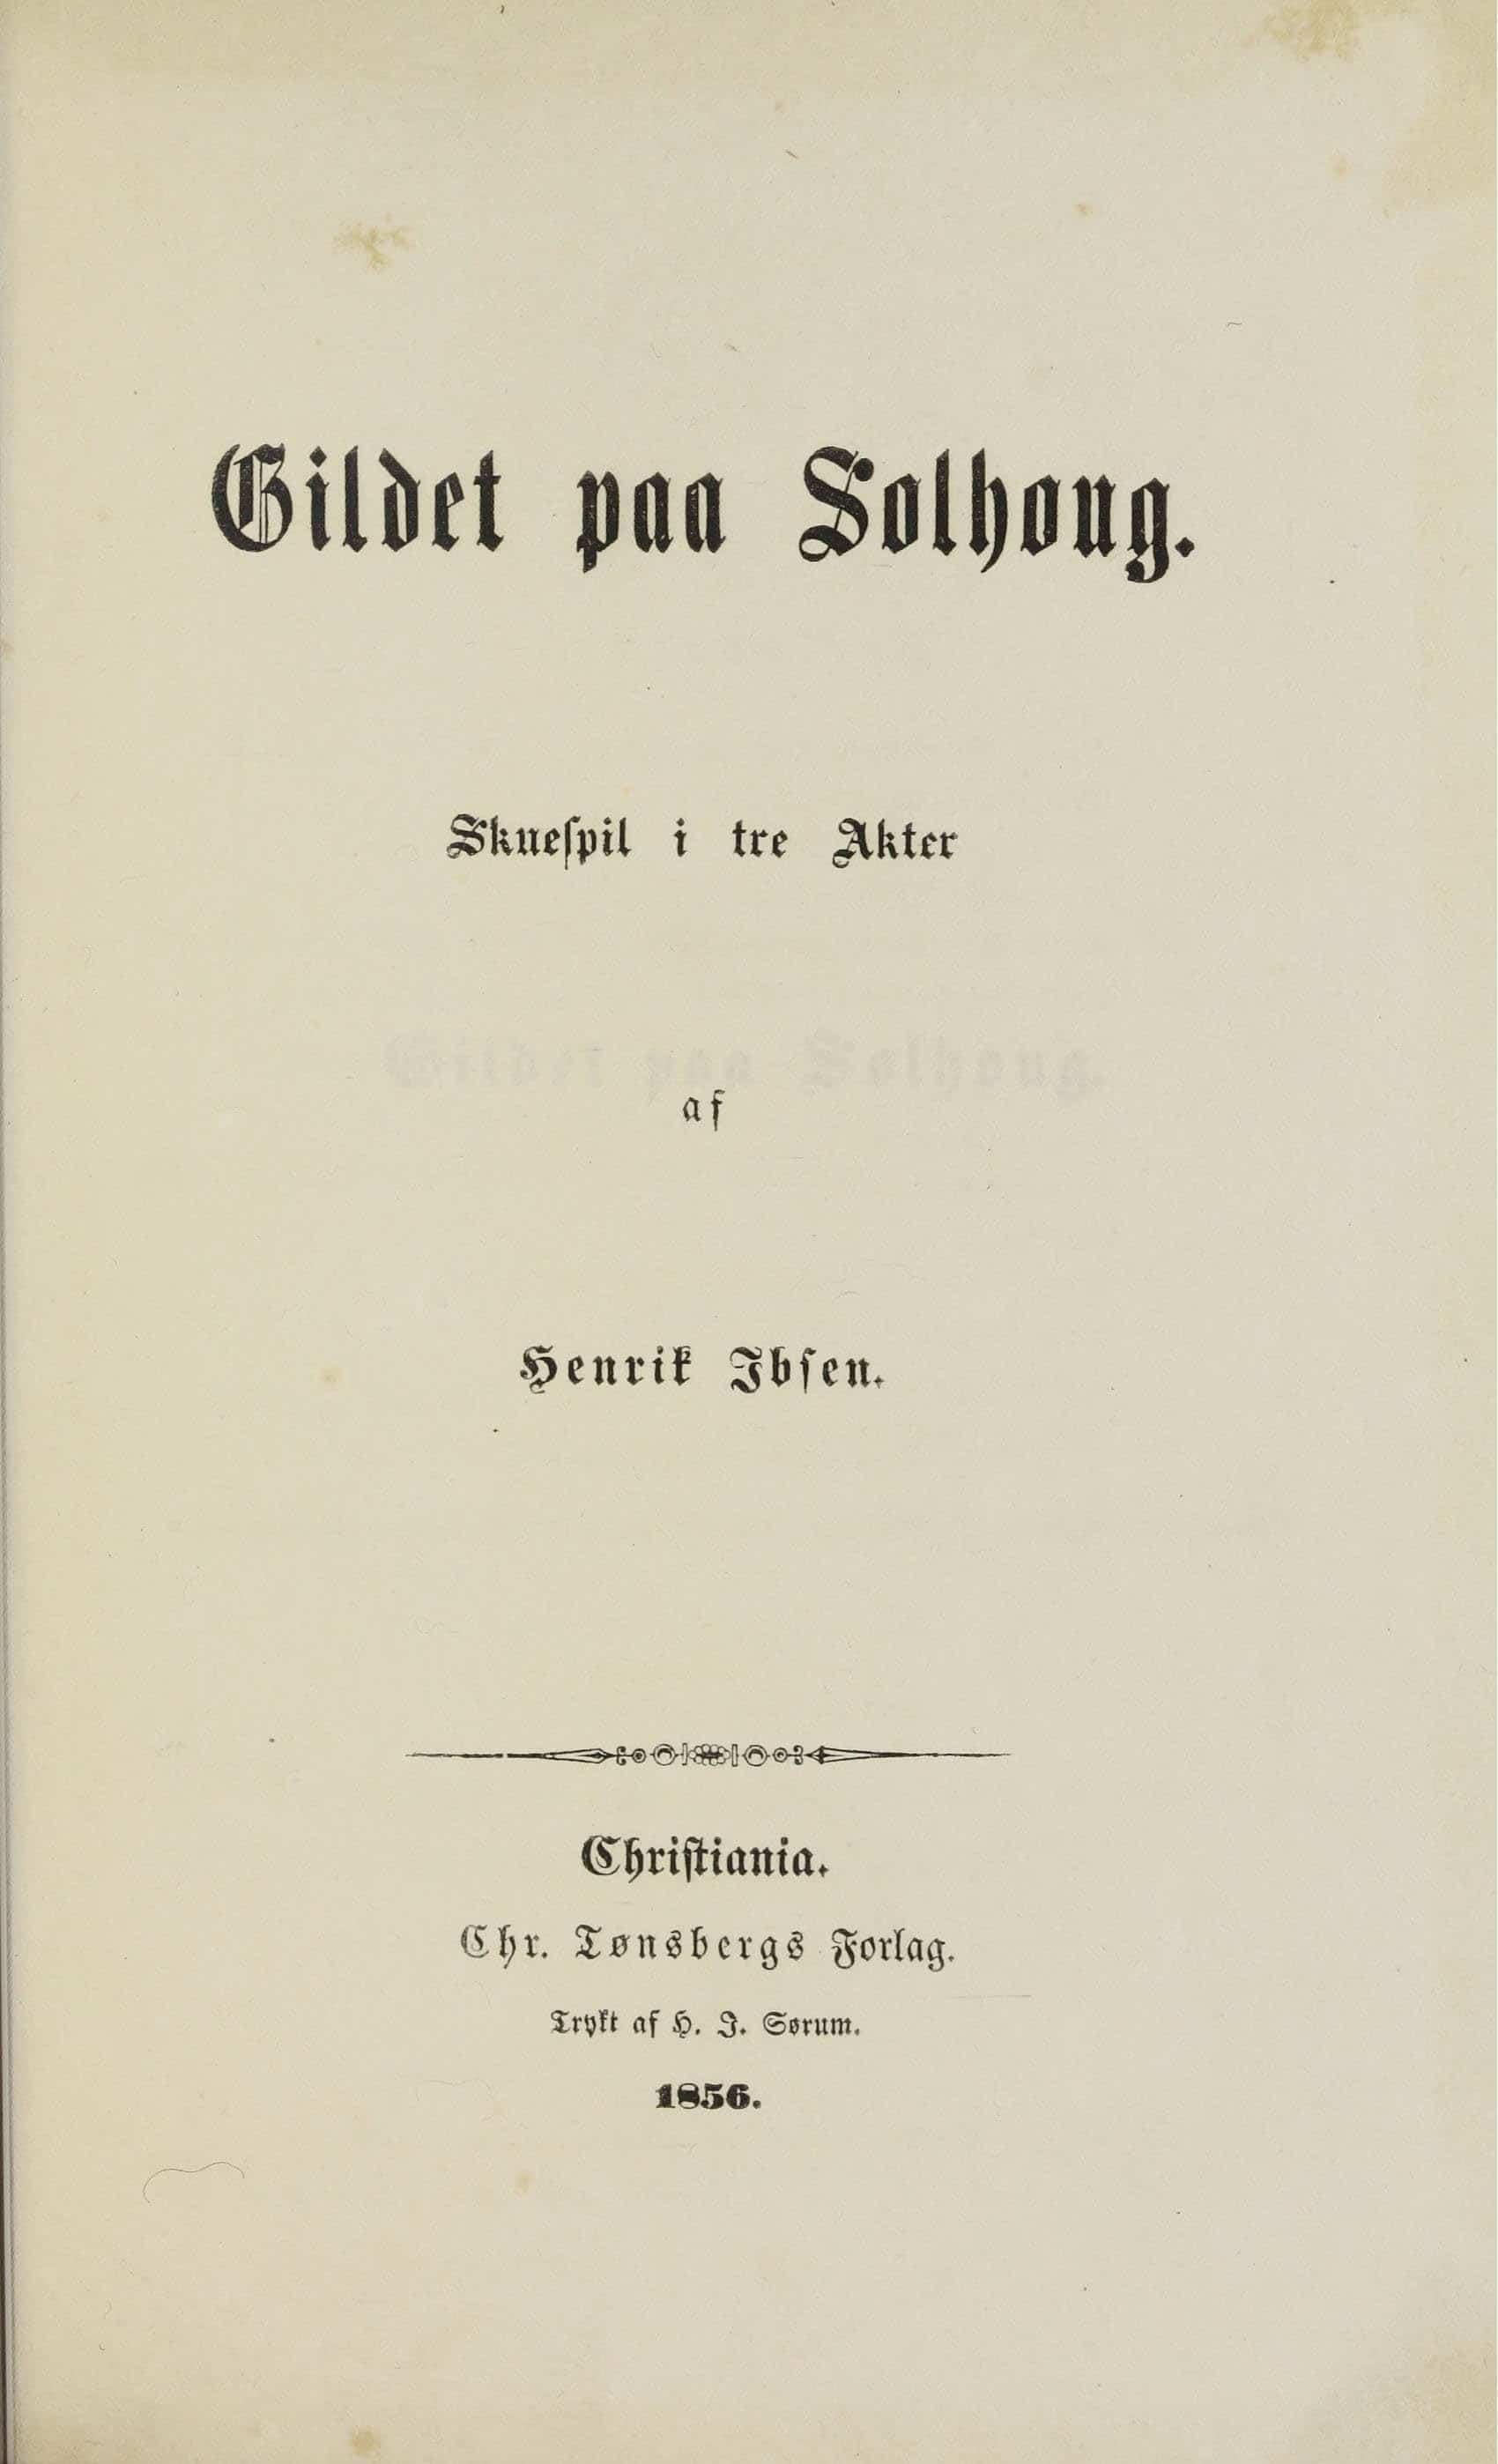 ερρικος-ίψεν-gildet-solhaug-first-page